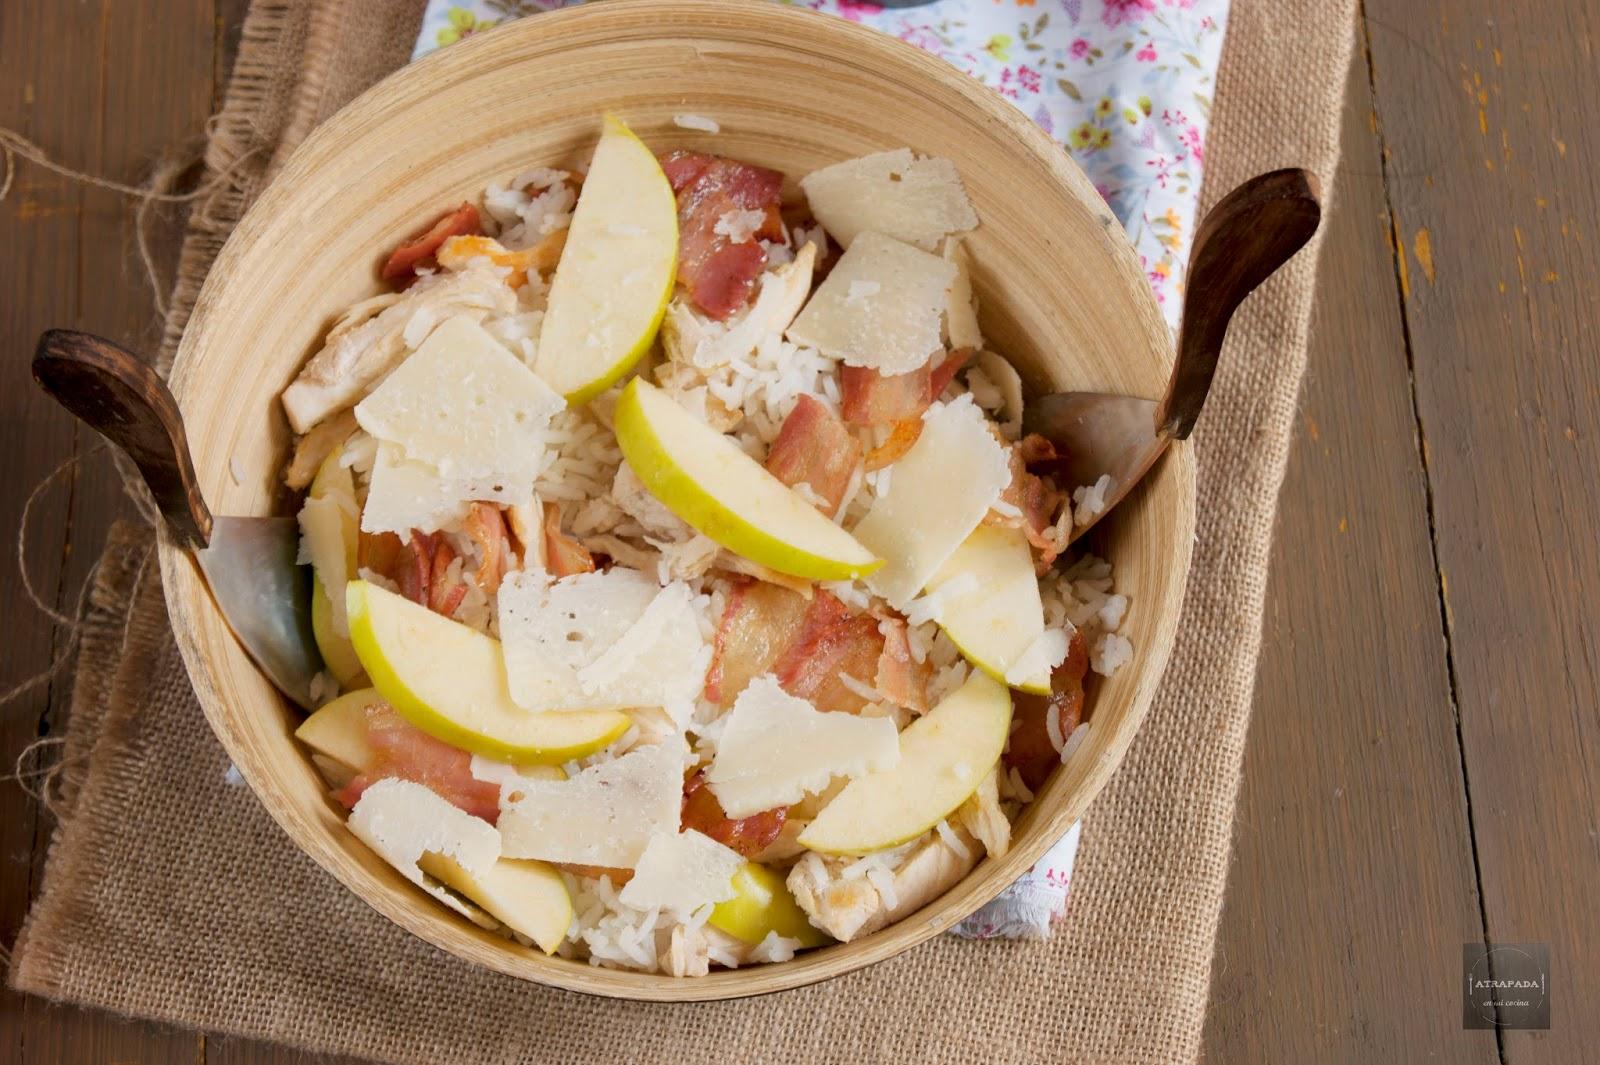 Ensalada de arroz pollo manzana bacon y queso con - Ensalada de arroz light ...